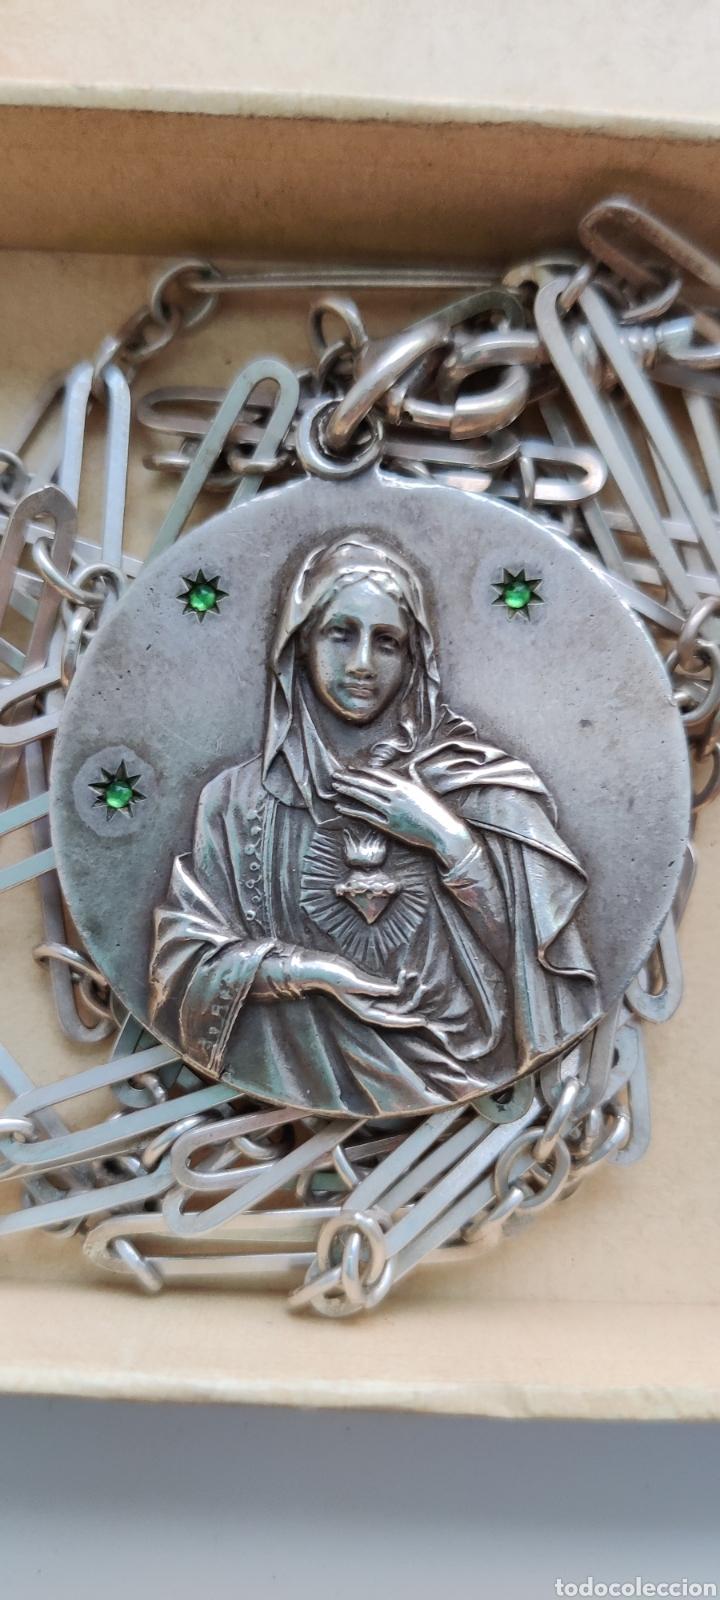 MEDALLA Y CADENA DE PLATA ANTIGUA SAGRADO CORAZÓN DE MARÍA (Antigüedades - Religiosas - Medallas Antiguas)